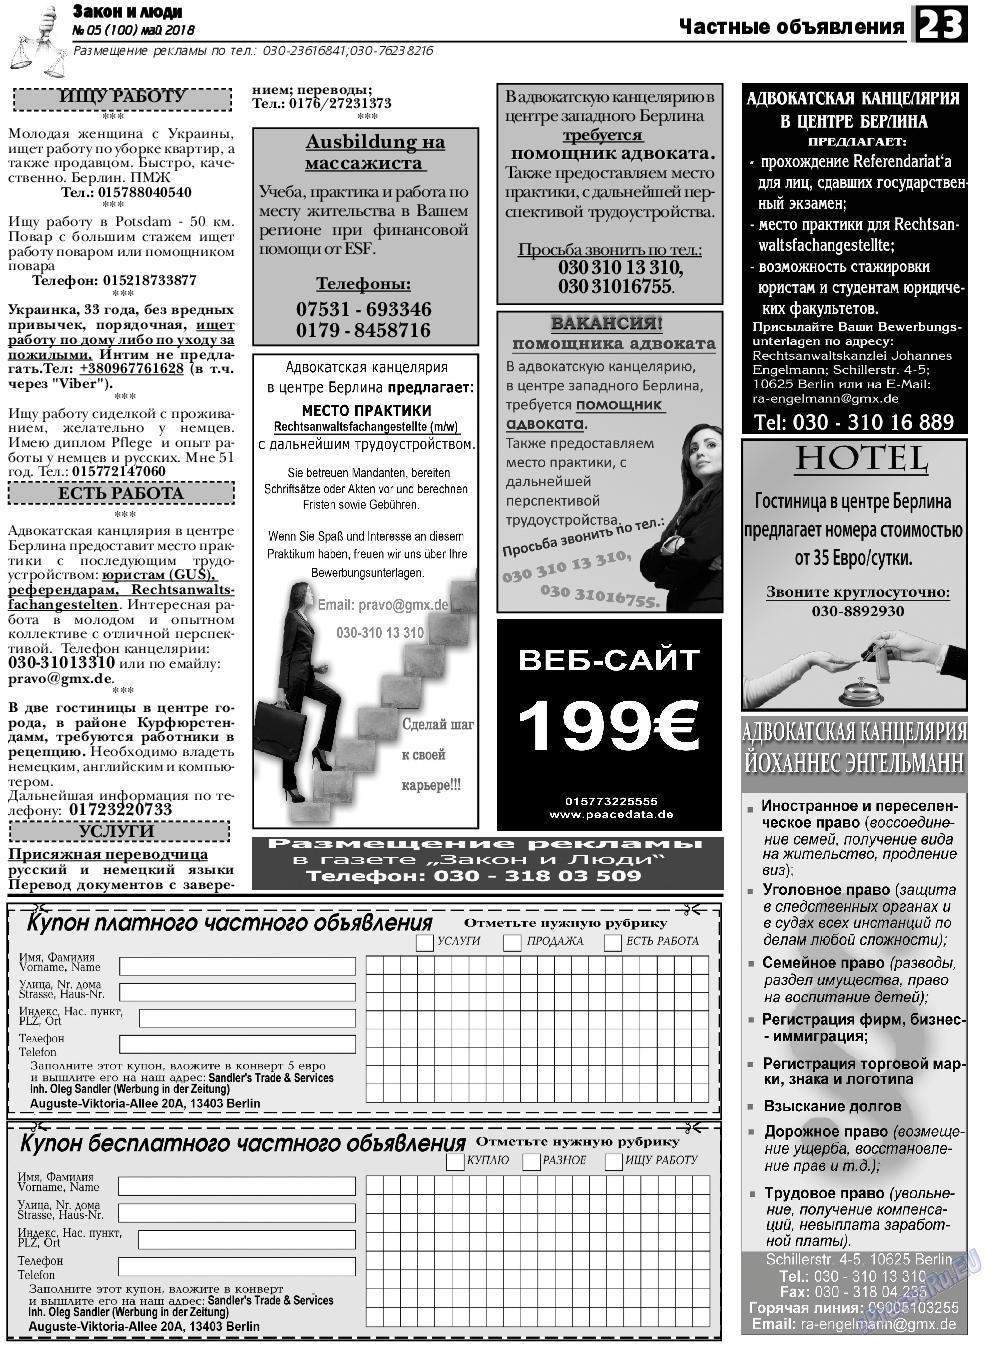 Закон и люди (газета). 2018 год, номер 5, стр. 23